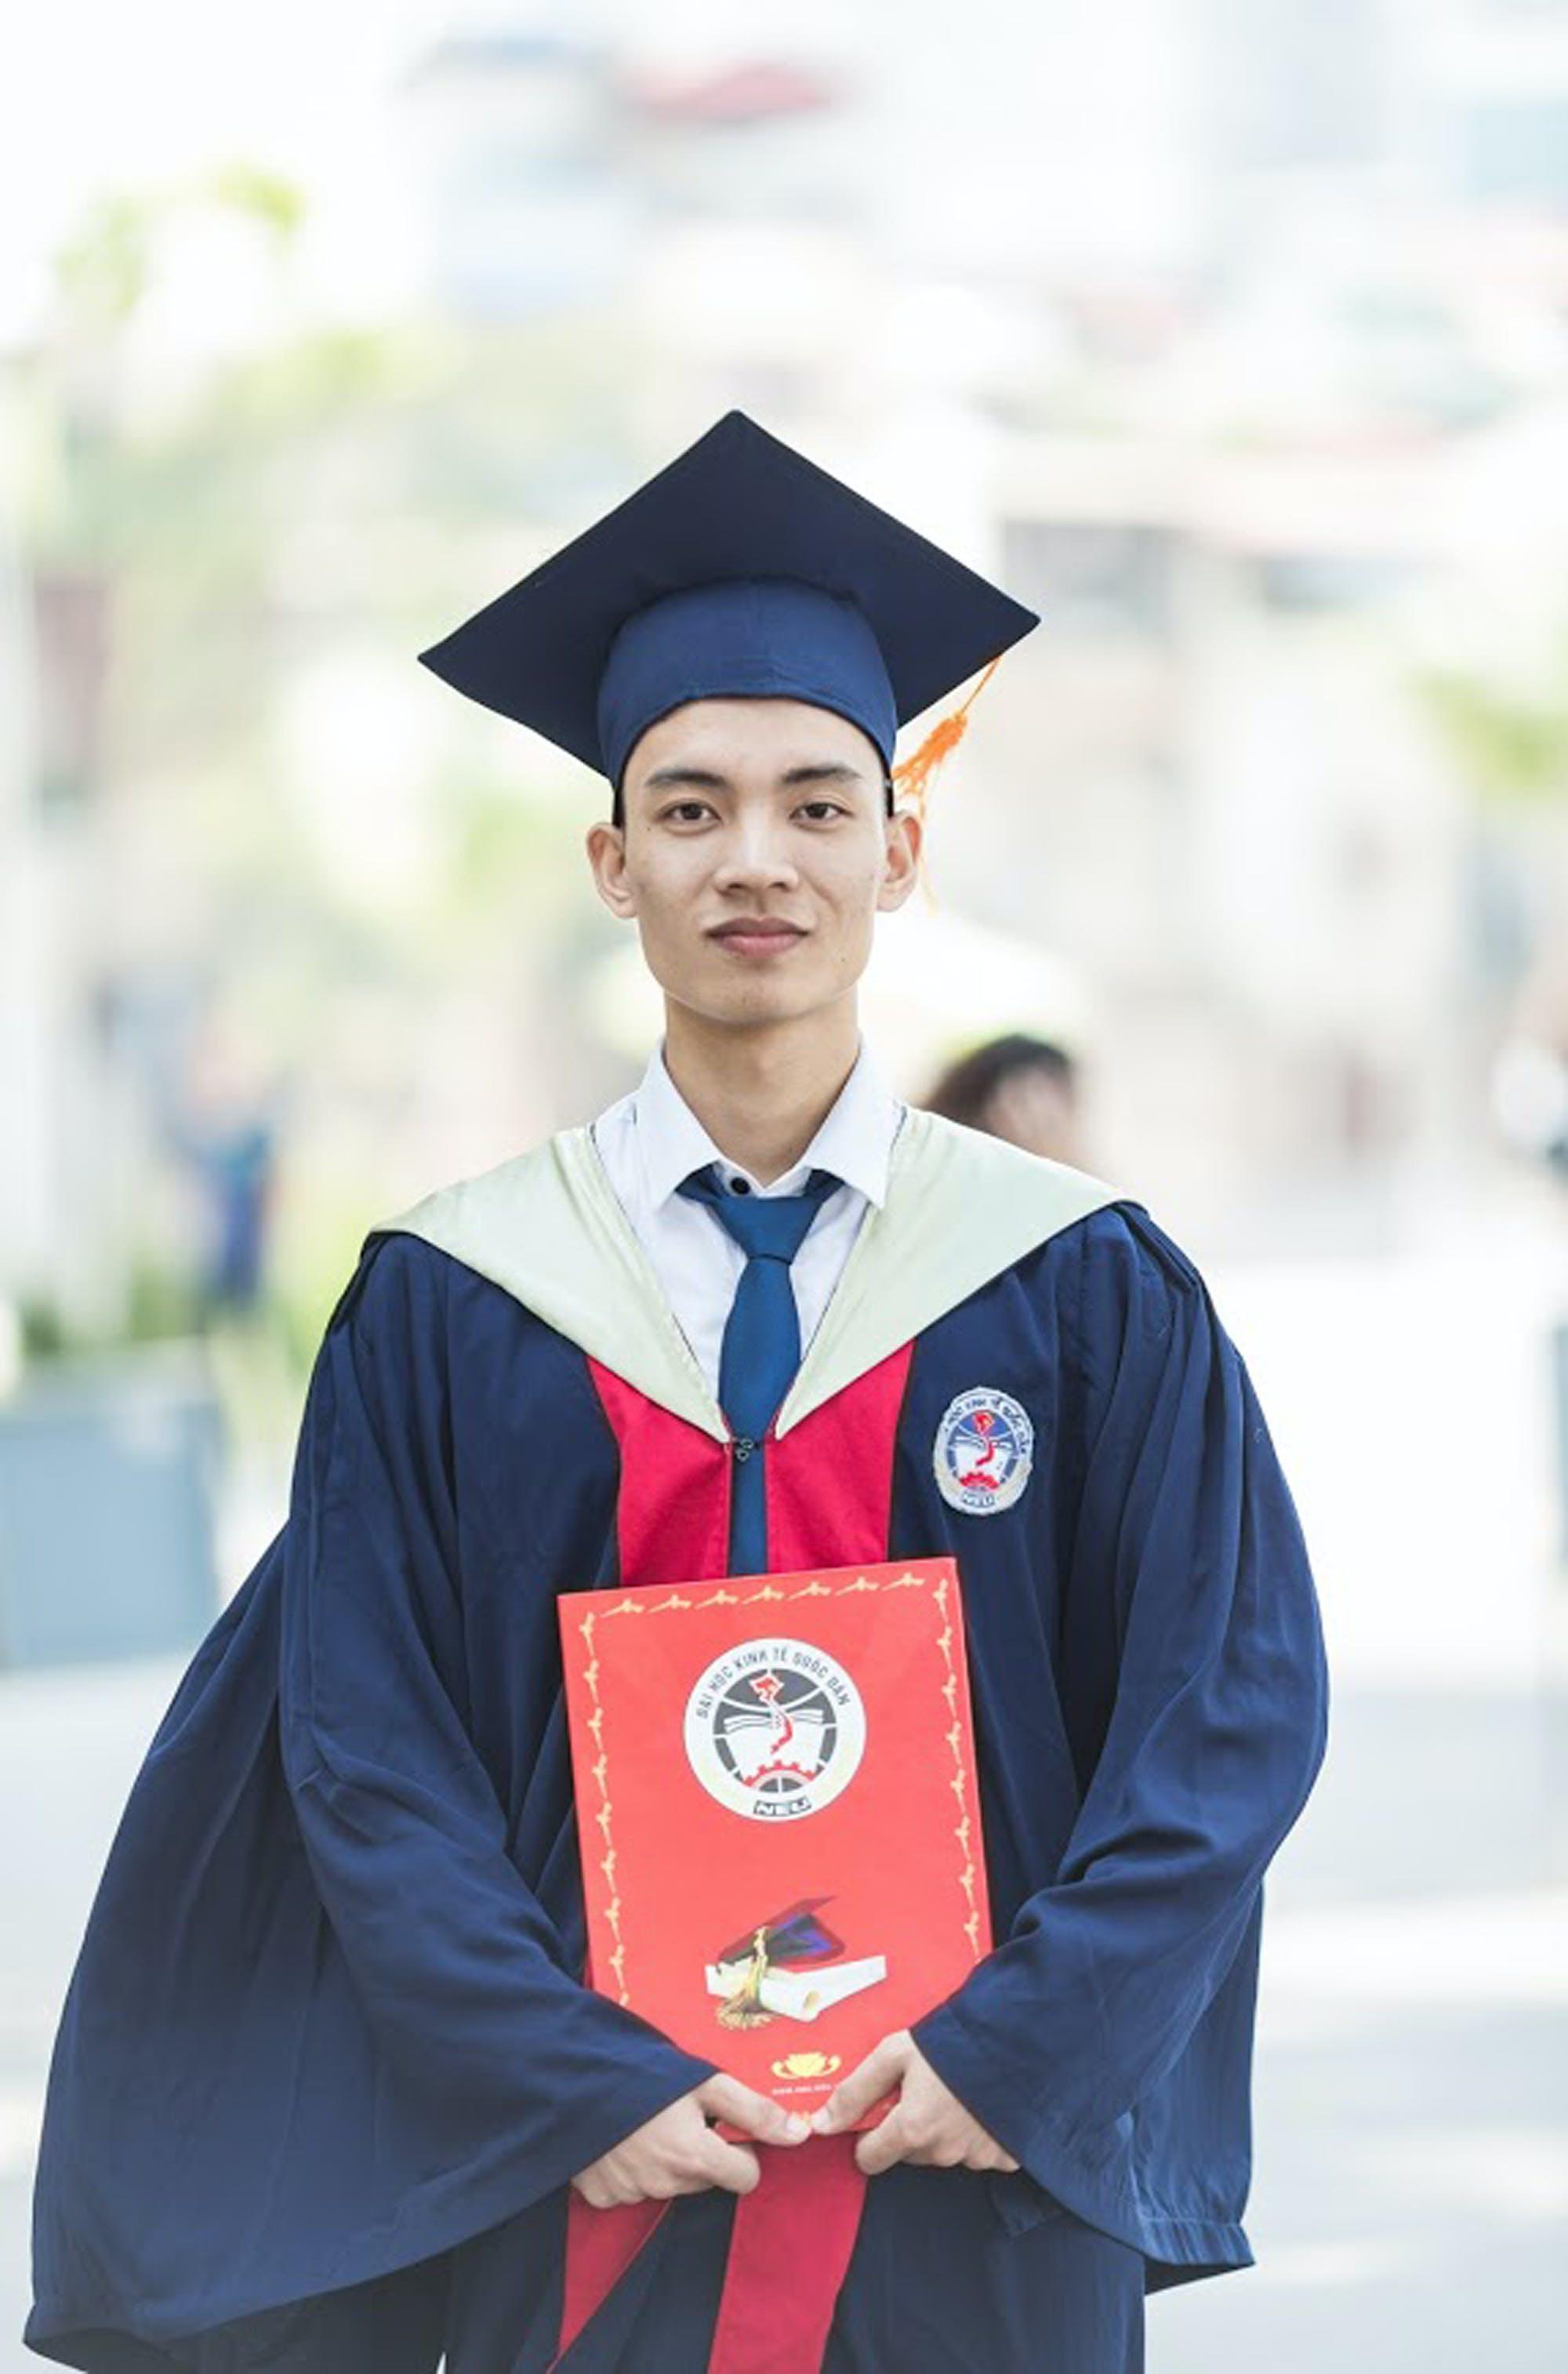 Kostenloses Stock Foto zu absolvent, ausbildung, diplom, erfolg